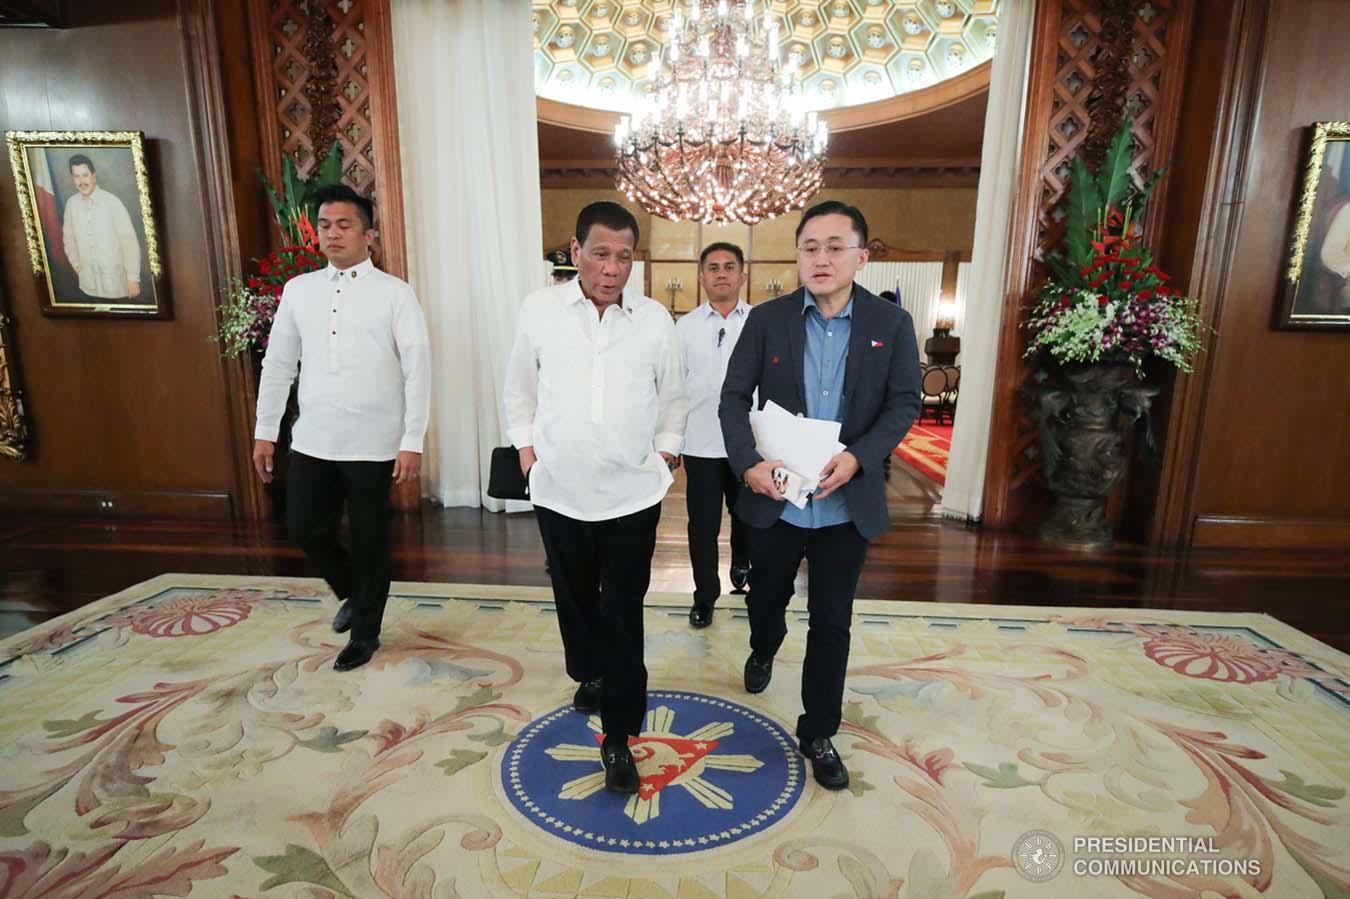 Duterte und seine Geschichtspolitik